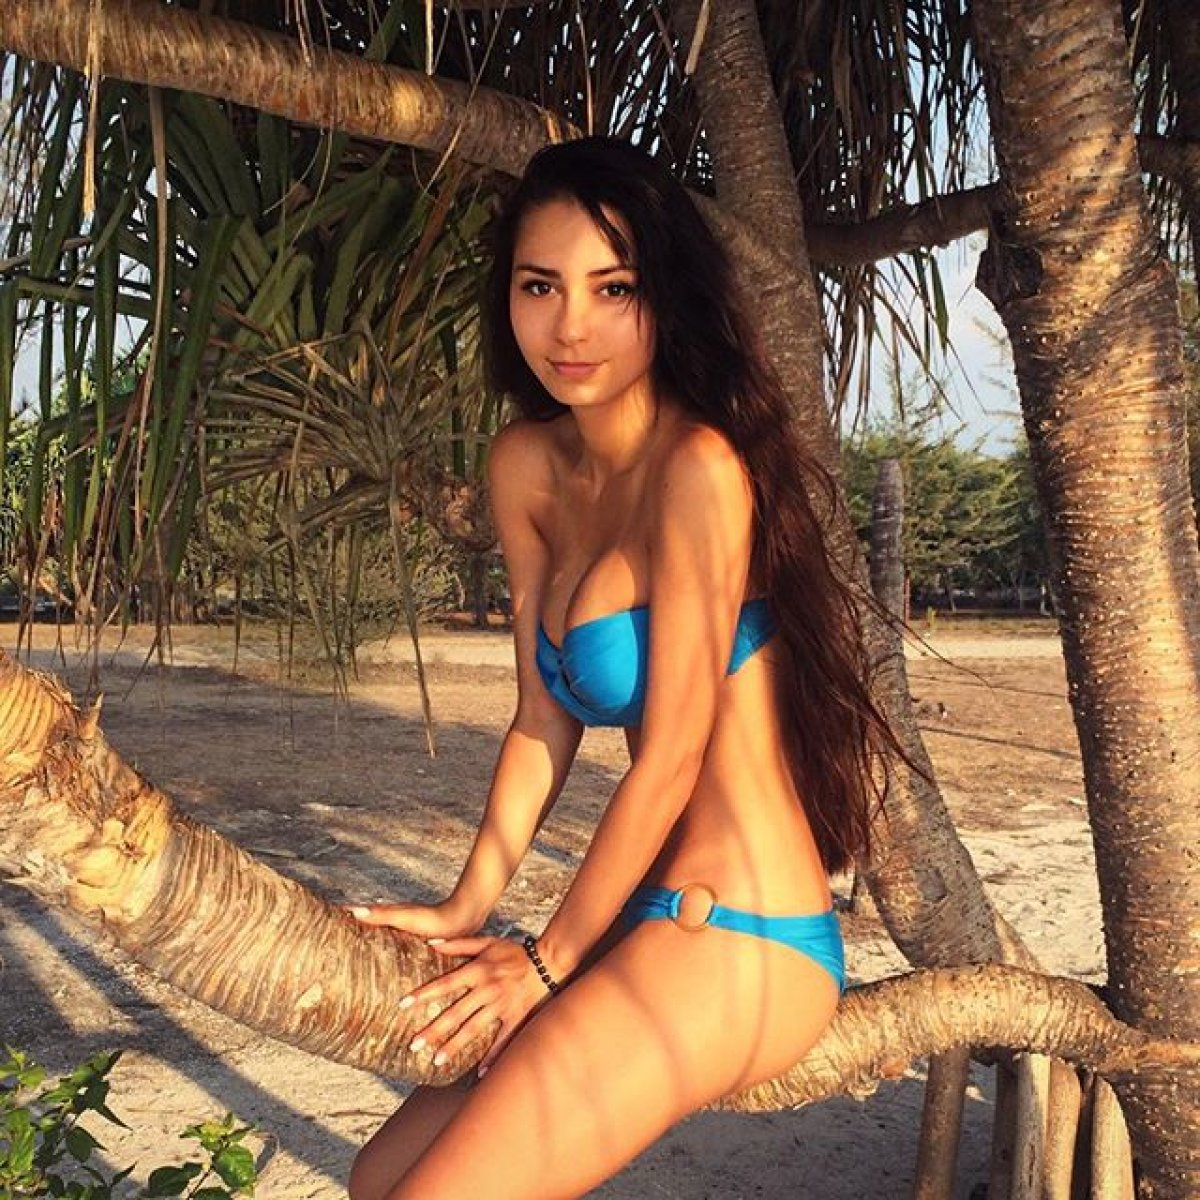 2019 Helga Lovekaty nudes (62 photos), Sexy, Bikini, Boobs, in bikini 2006